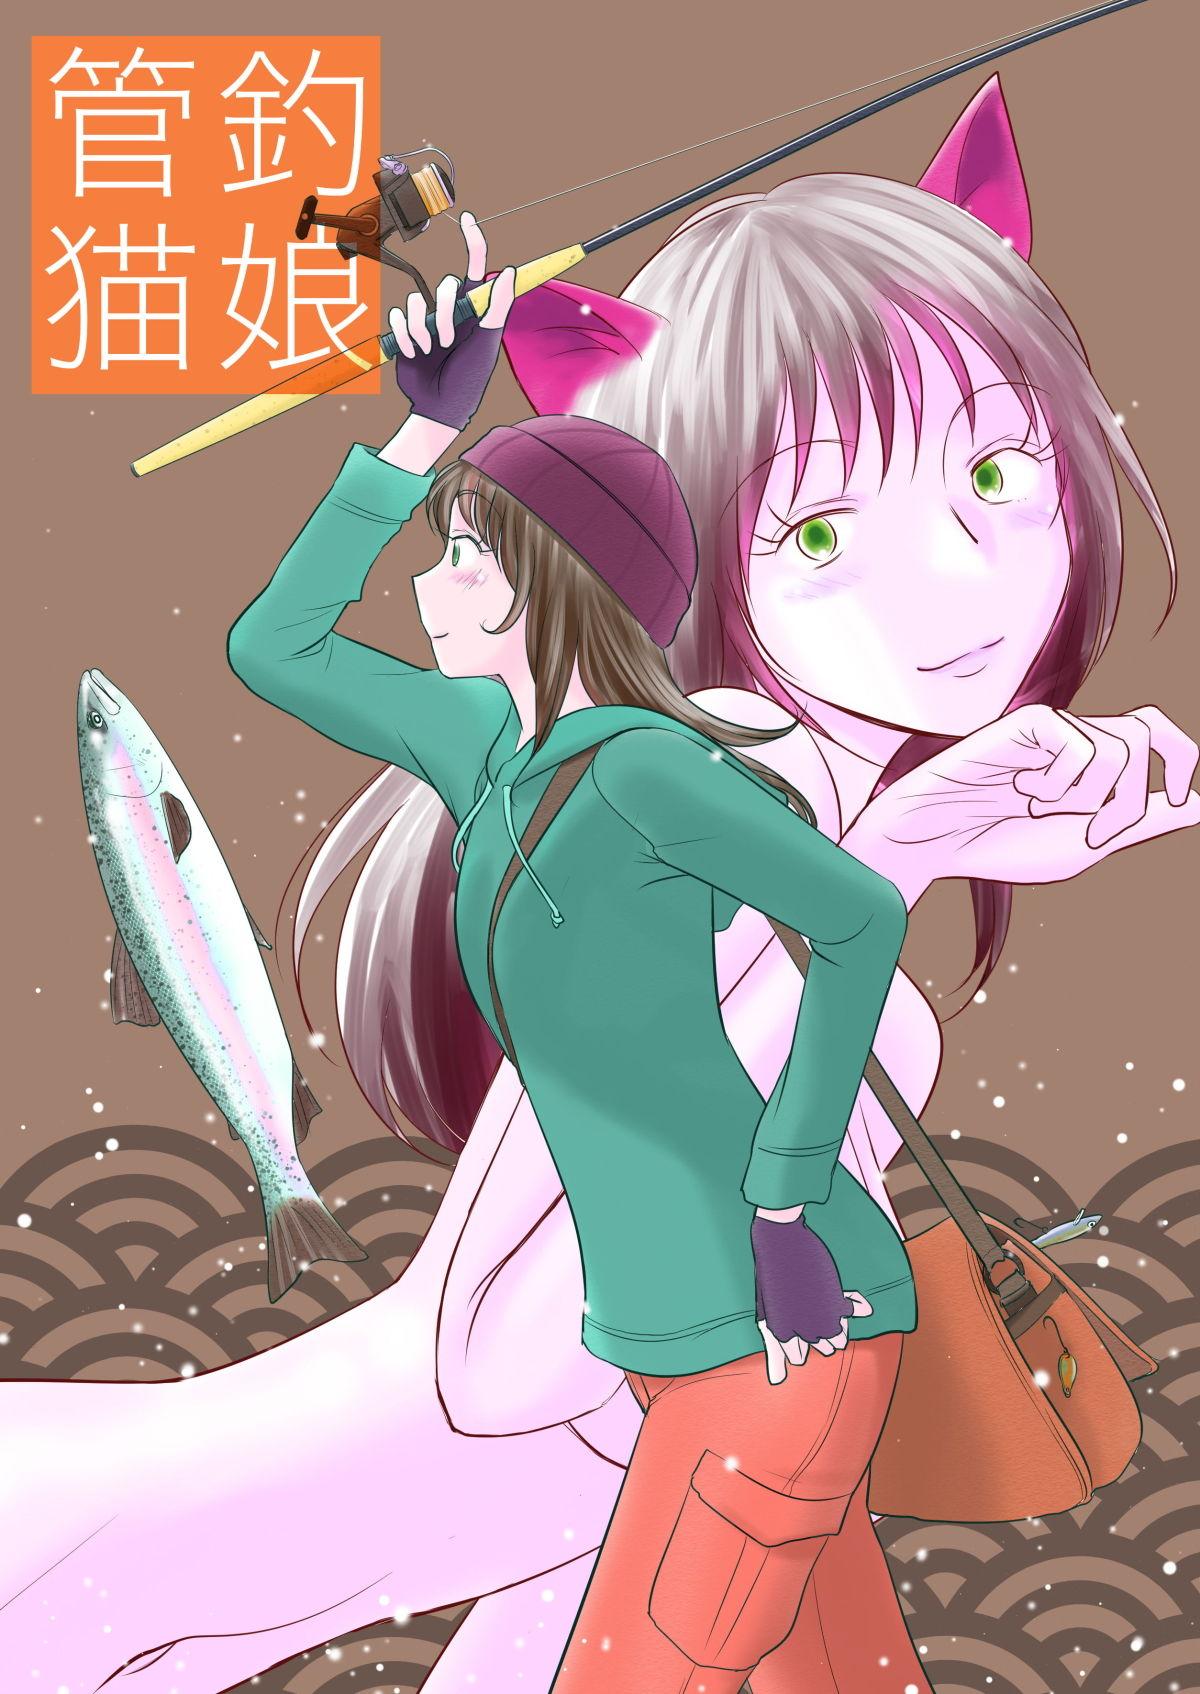 【猫娘 同人】管釣猫娘